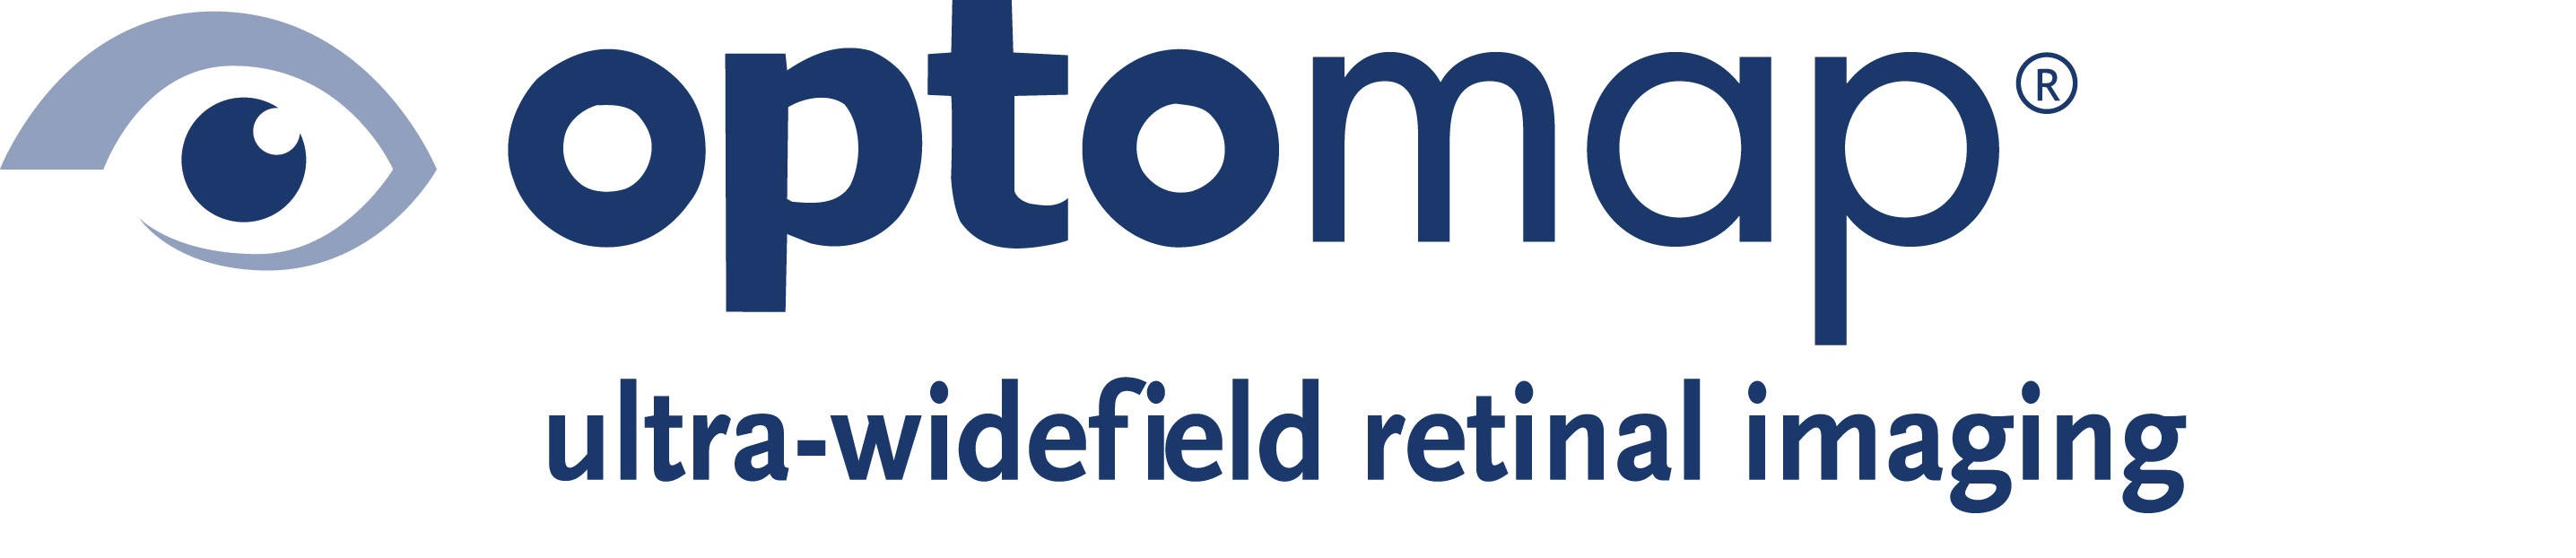 Optomap Logo